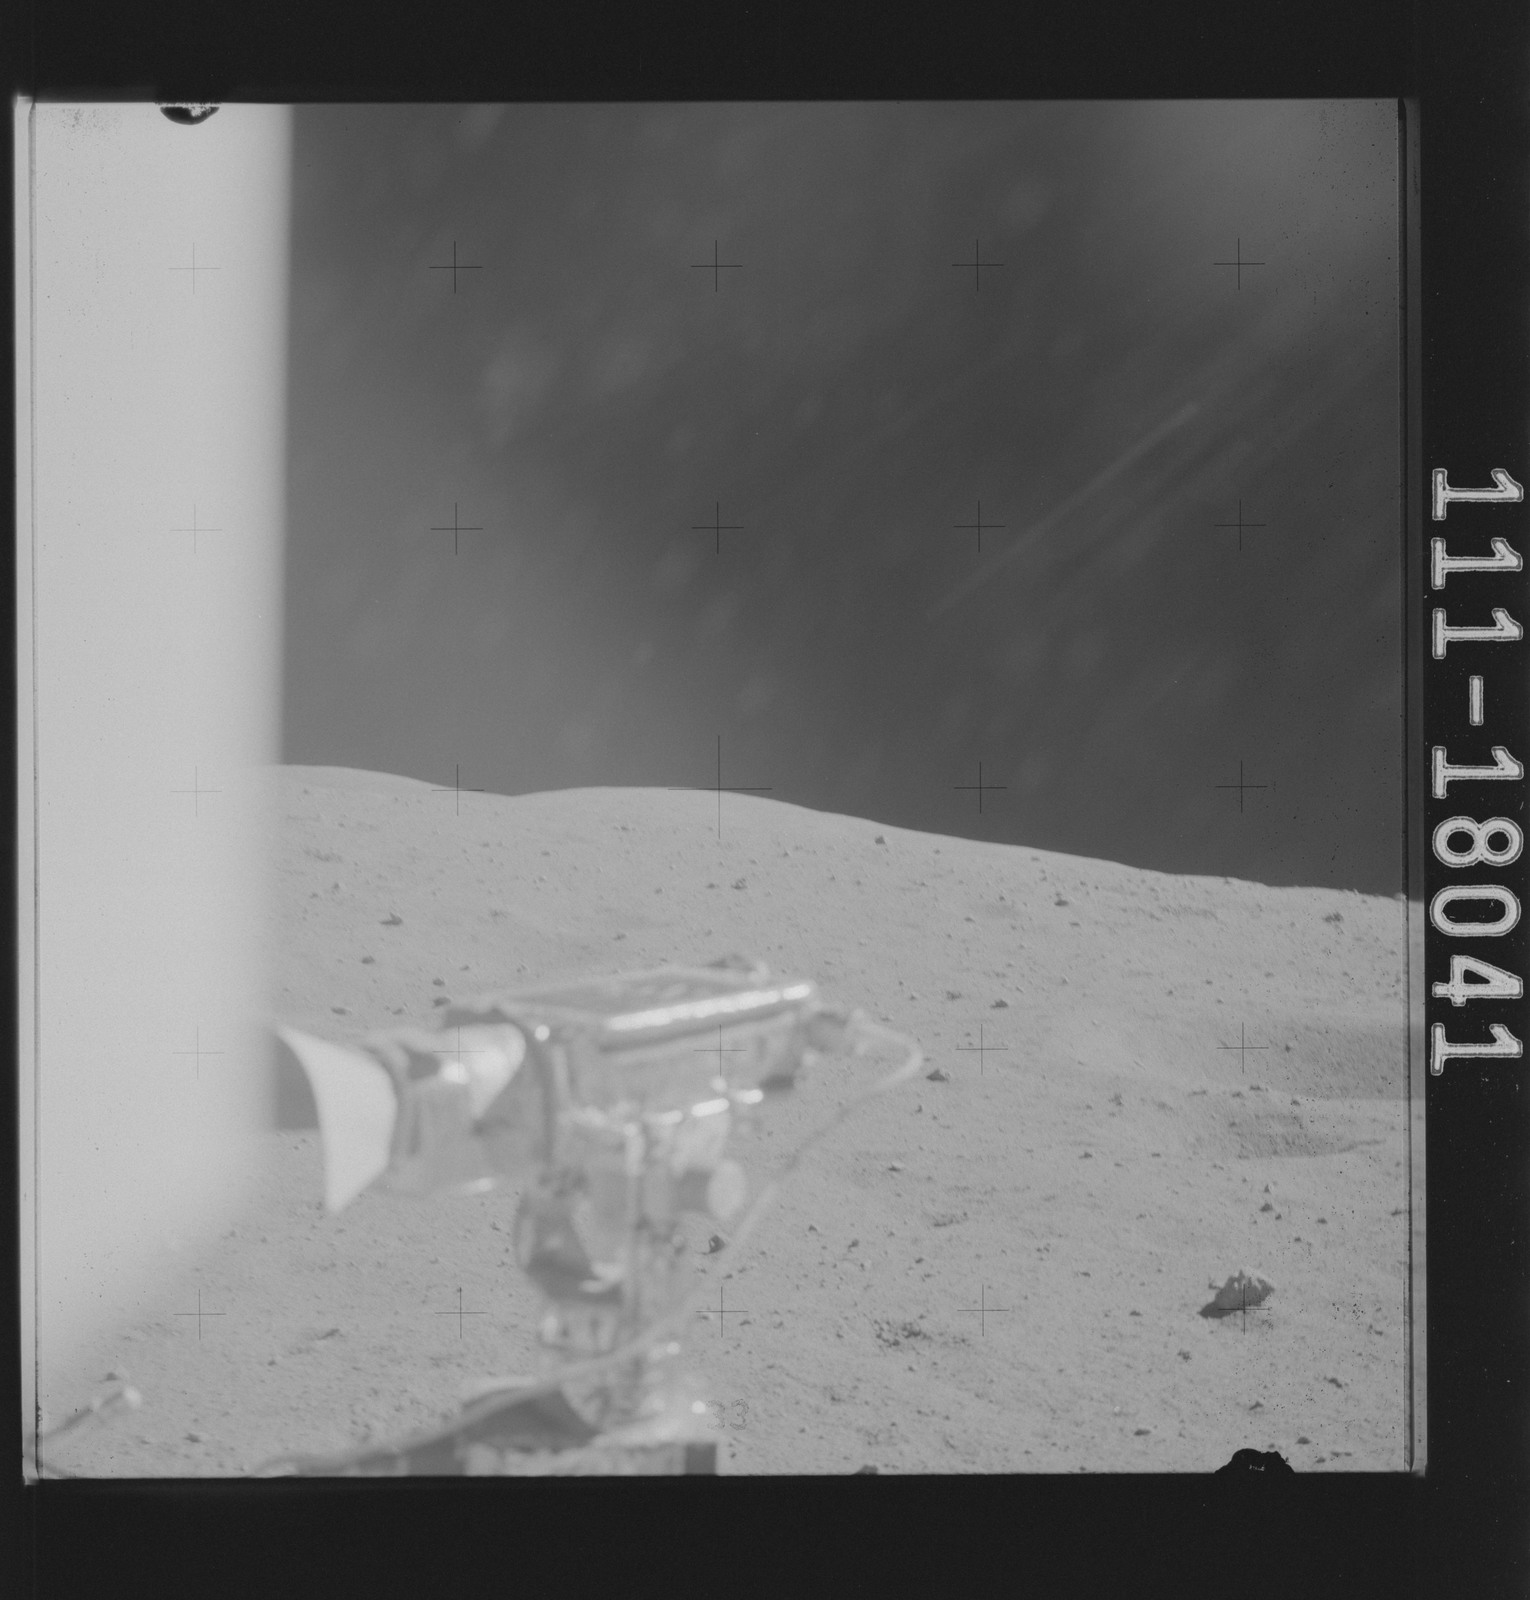 AS16-111-18041 - Apollo 16